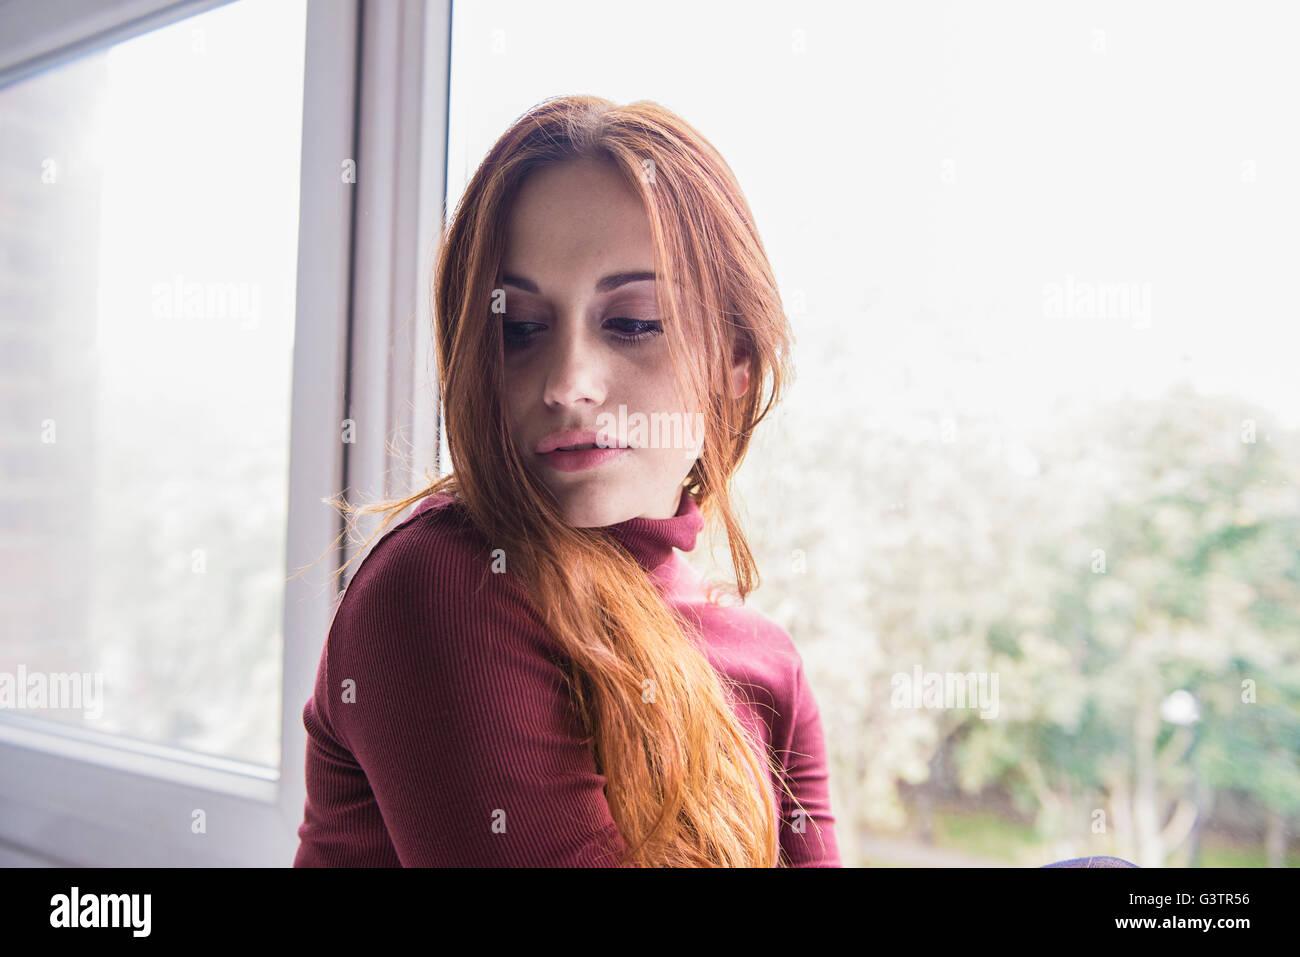 Retrato de un atractivo joven sentado junto a una ventana. Imagen De Stock